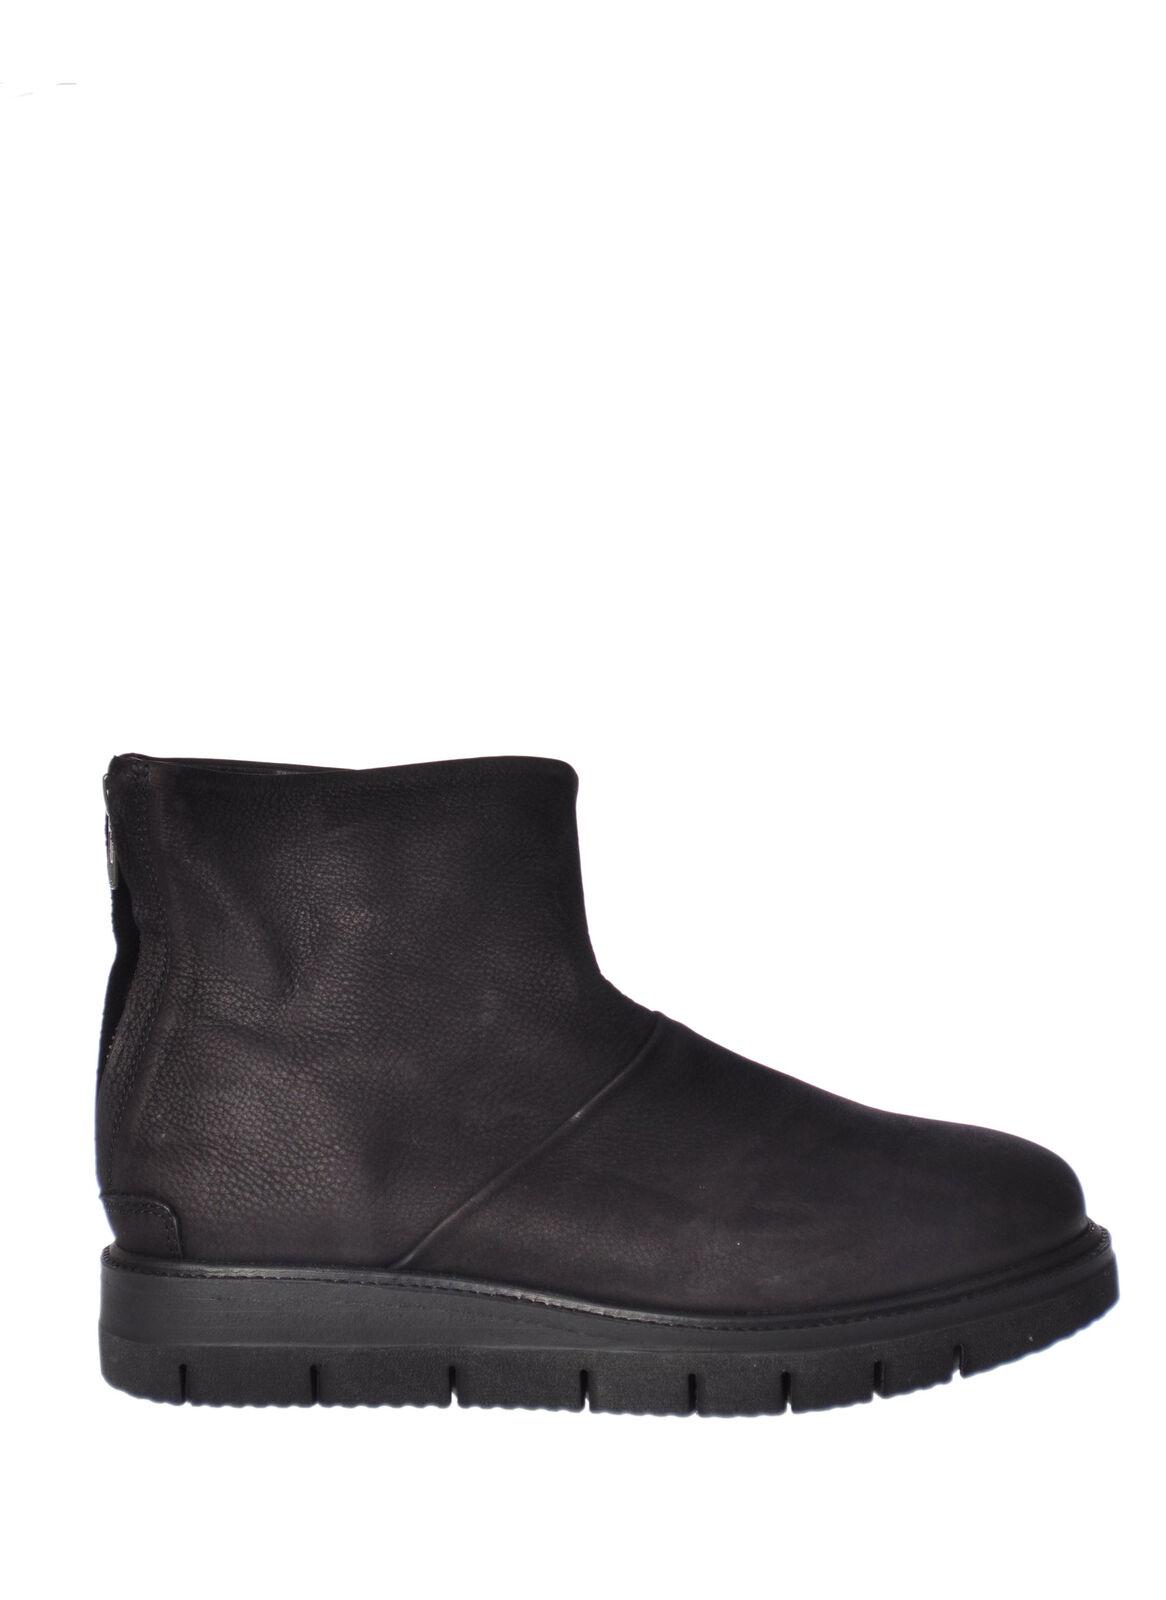 Lemarè-Zapatos-botas Lemarè-Zapatos-botas Lemarè-Zapatos-botas al tobillo-mujer-negro - 450915C184126  Hay más marcas de productos de alta calidad.